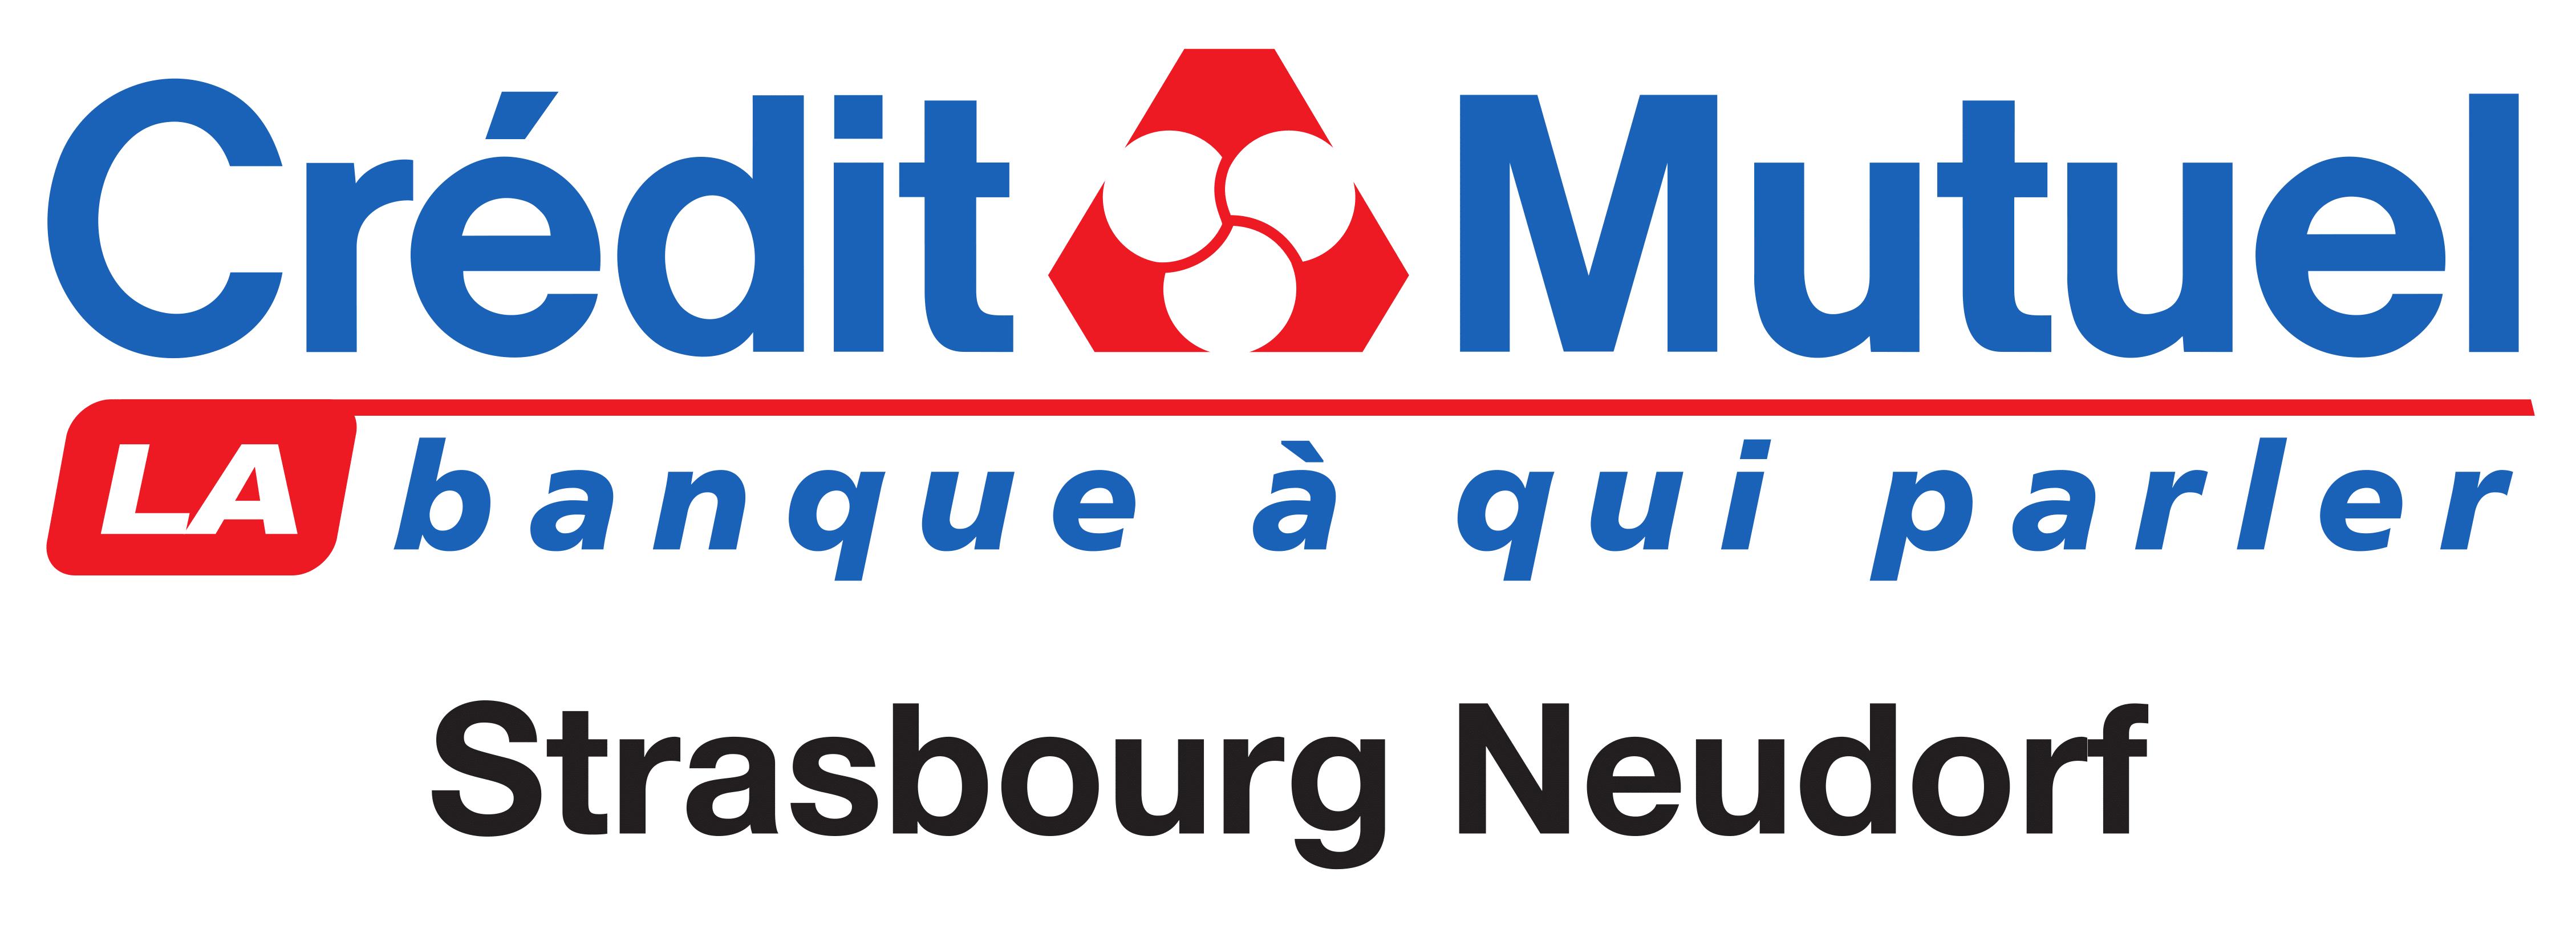 Crédit Mutuel Logo, Strasbourg Neudorf, Partner Strasbourg Sud Handballs